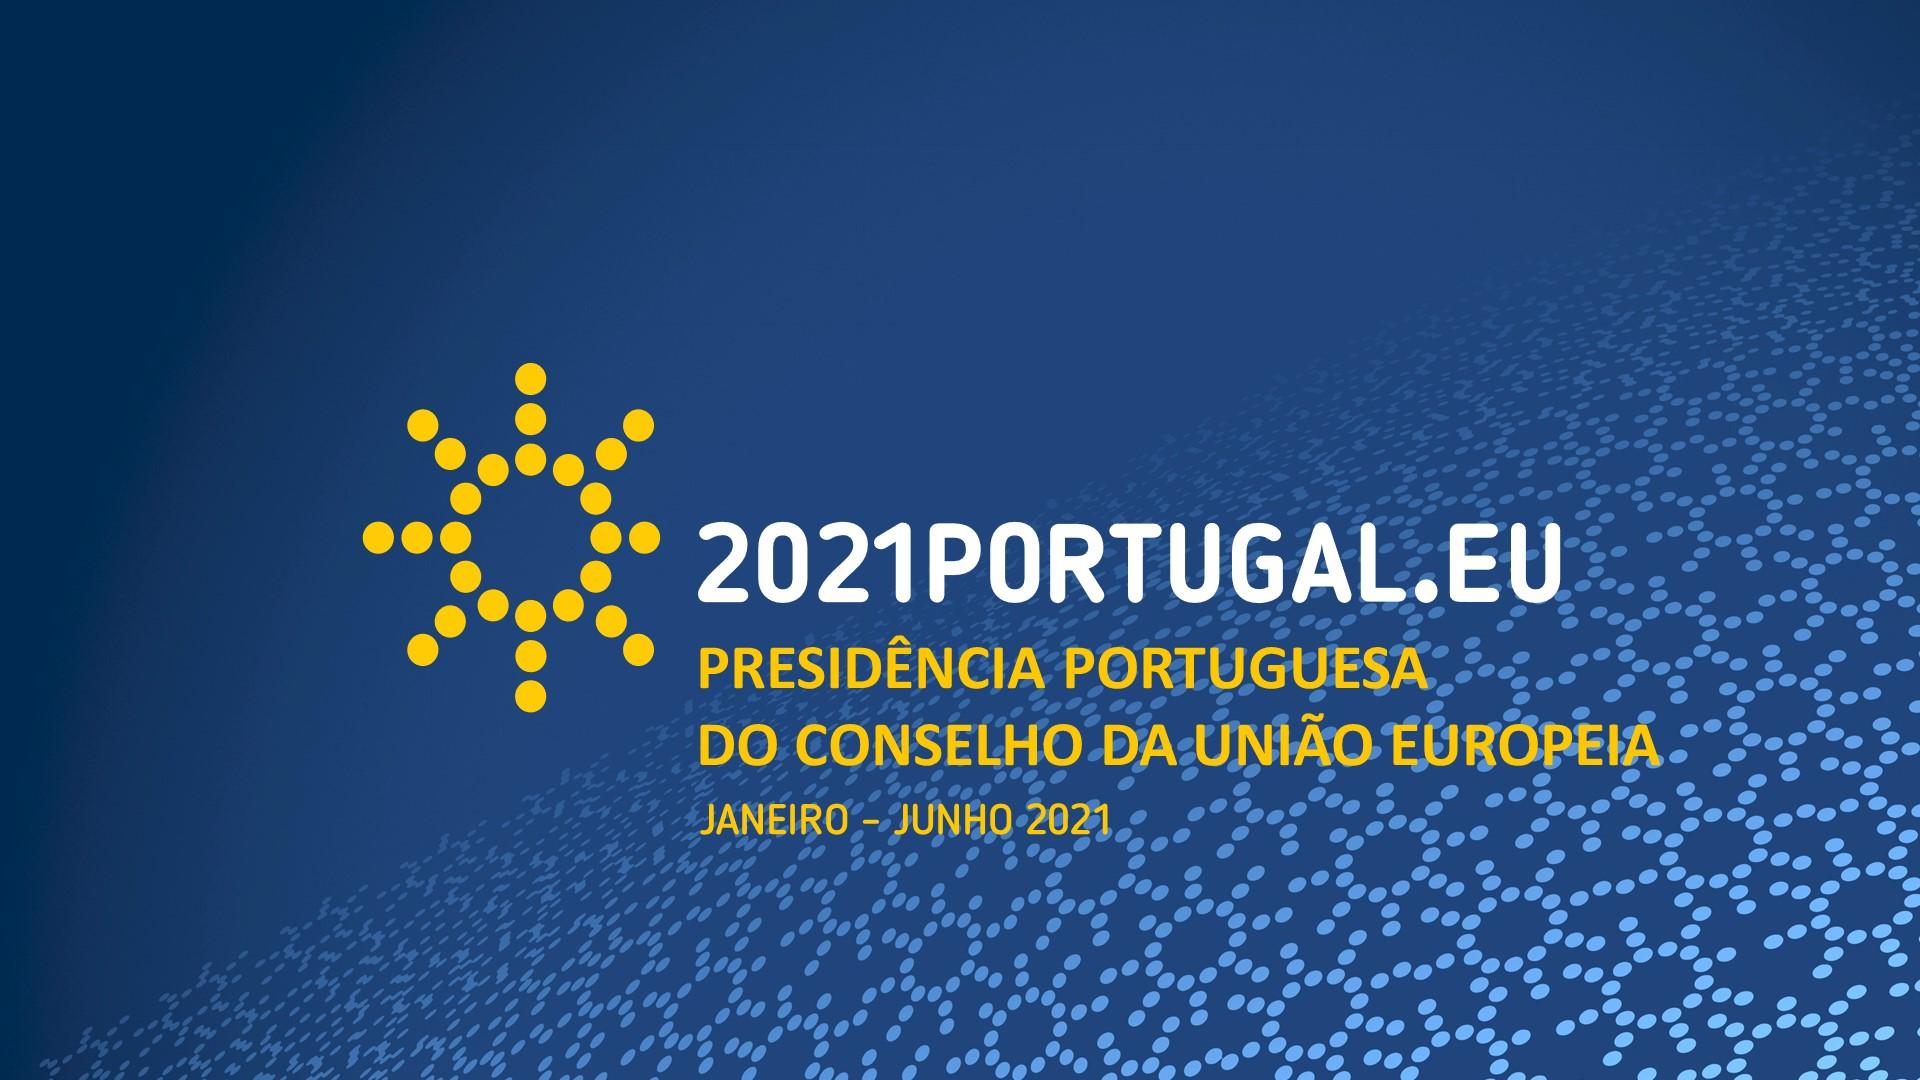 Résultat de la présidence portugaise au conseil de l'europe